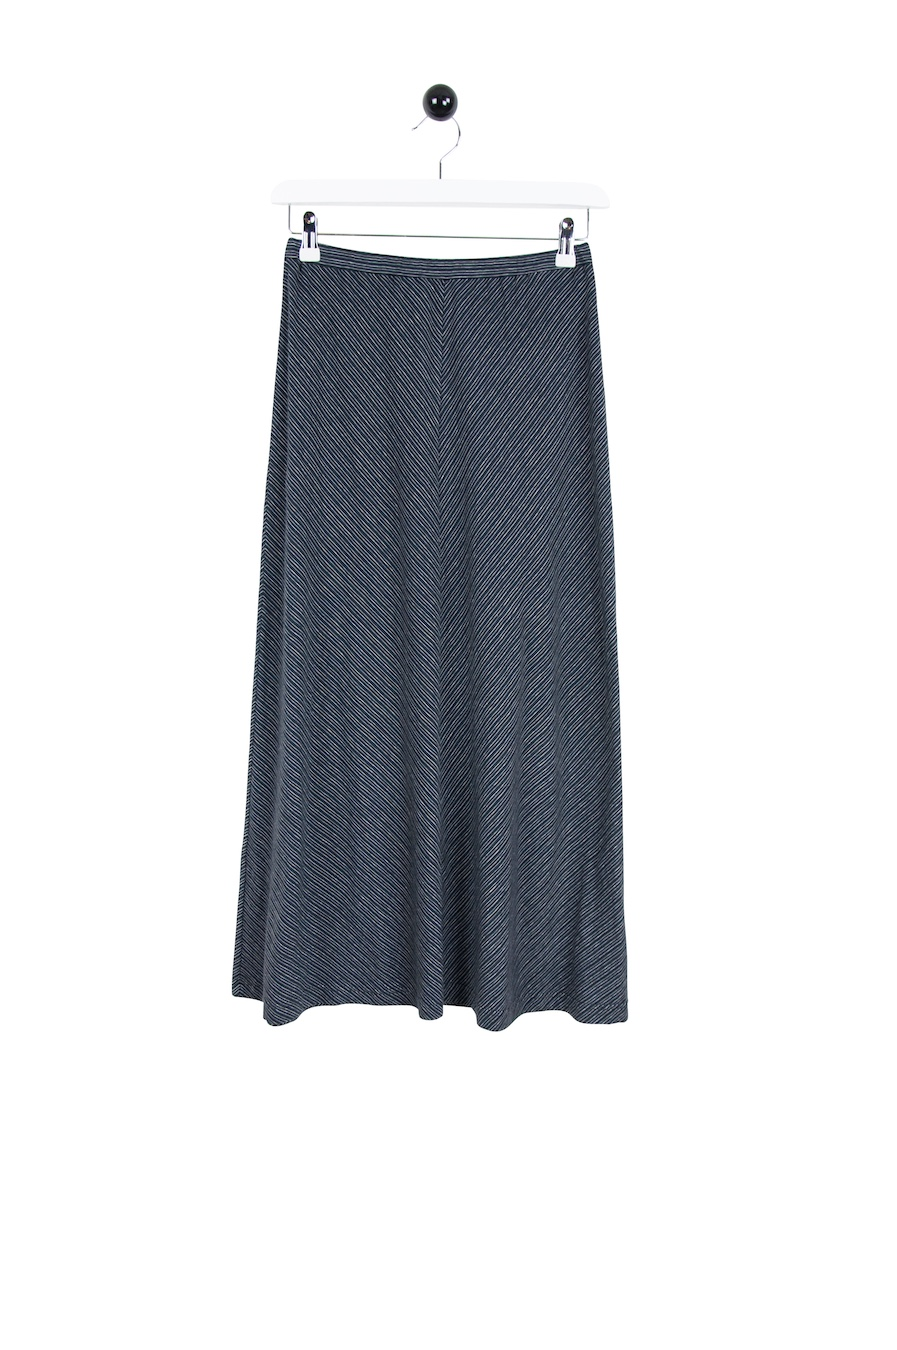 Mejram Skirt